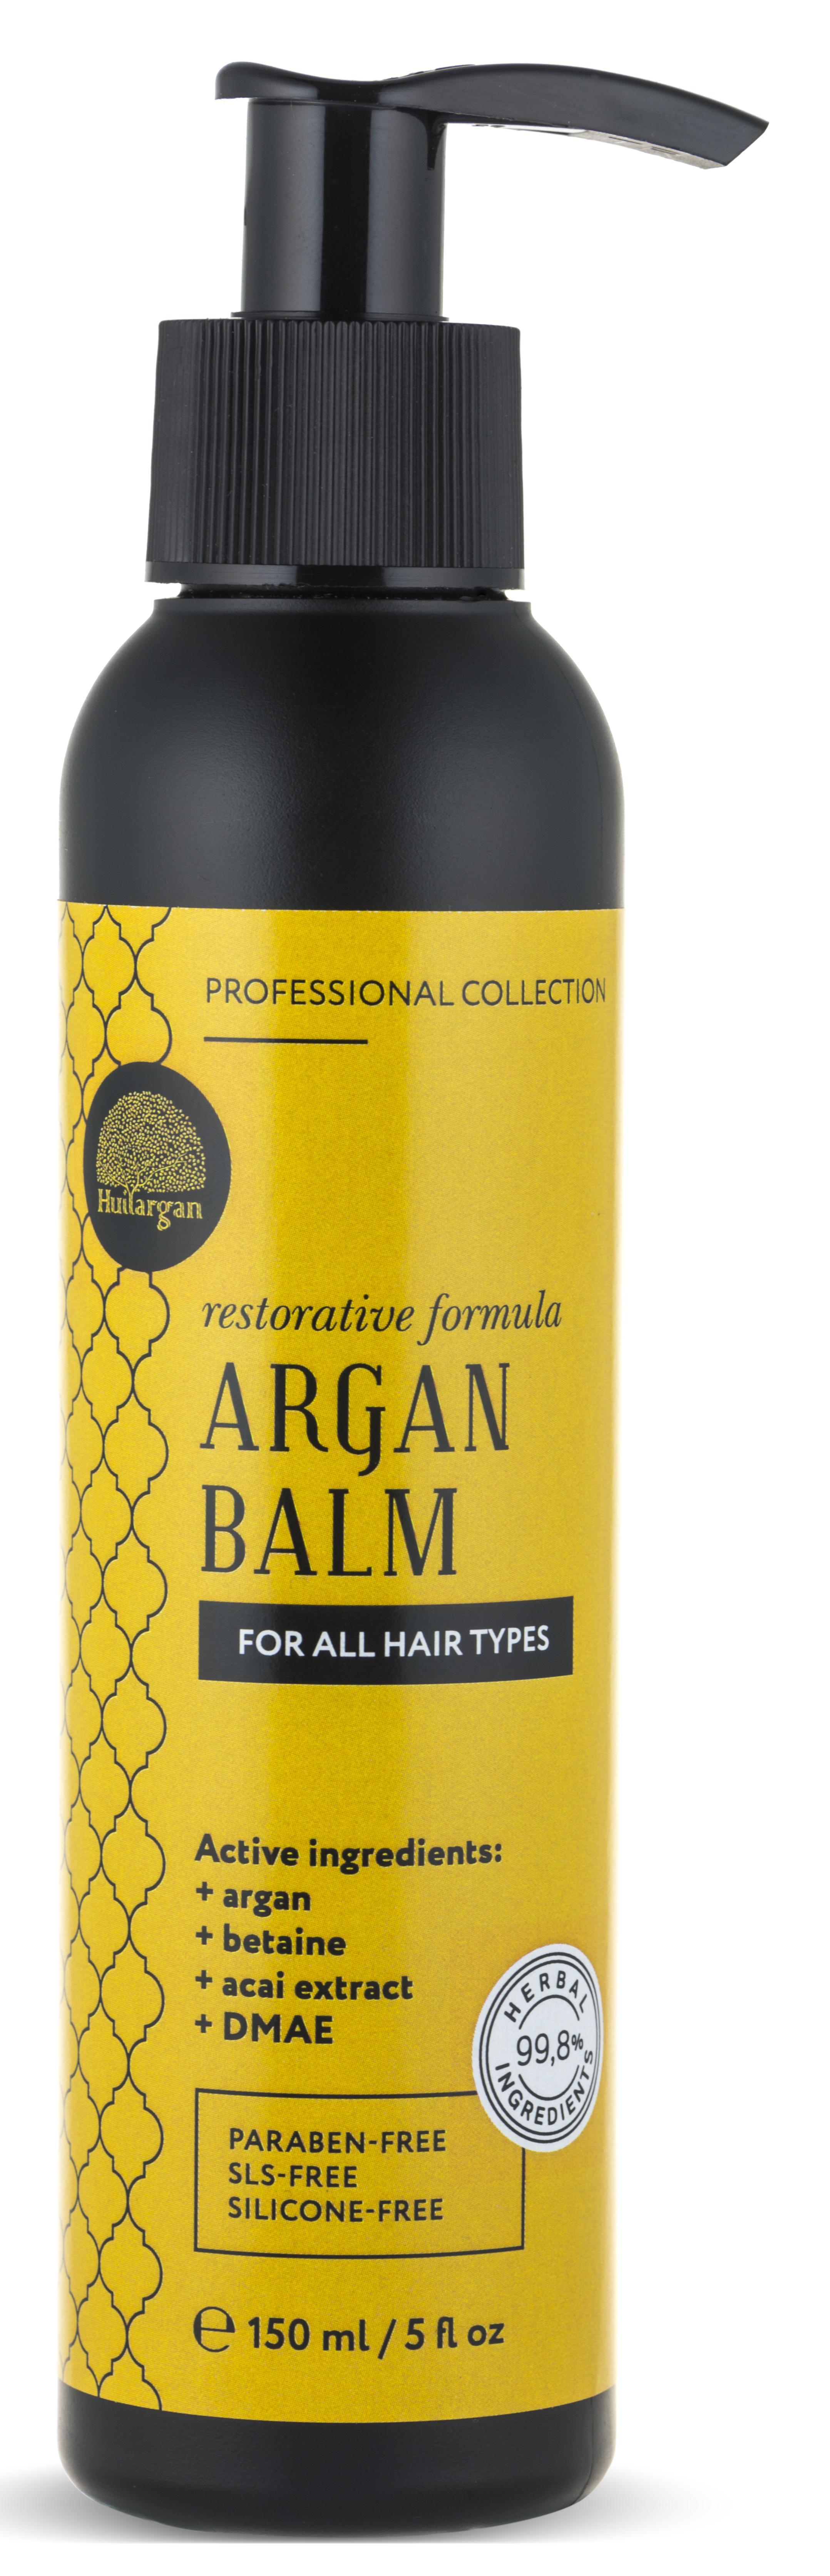 HUILARGAN Бальзам-кондиционер для волос, общеукрепляющая формула 150 мл - Бальзамы